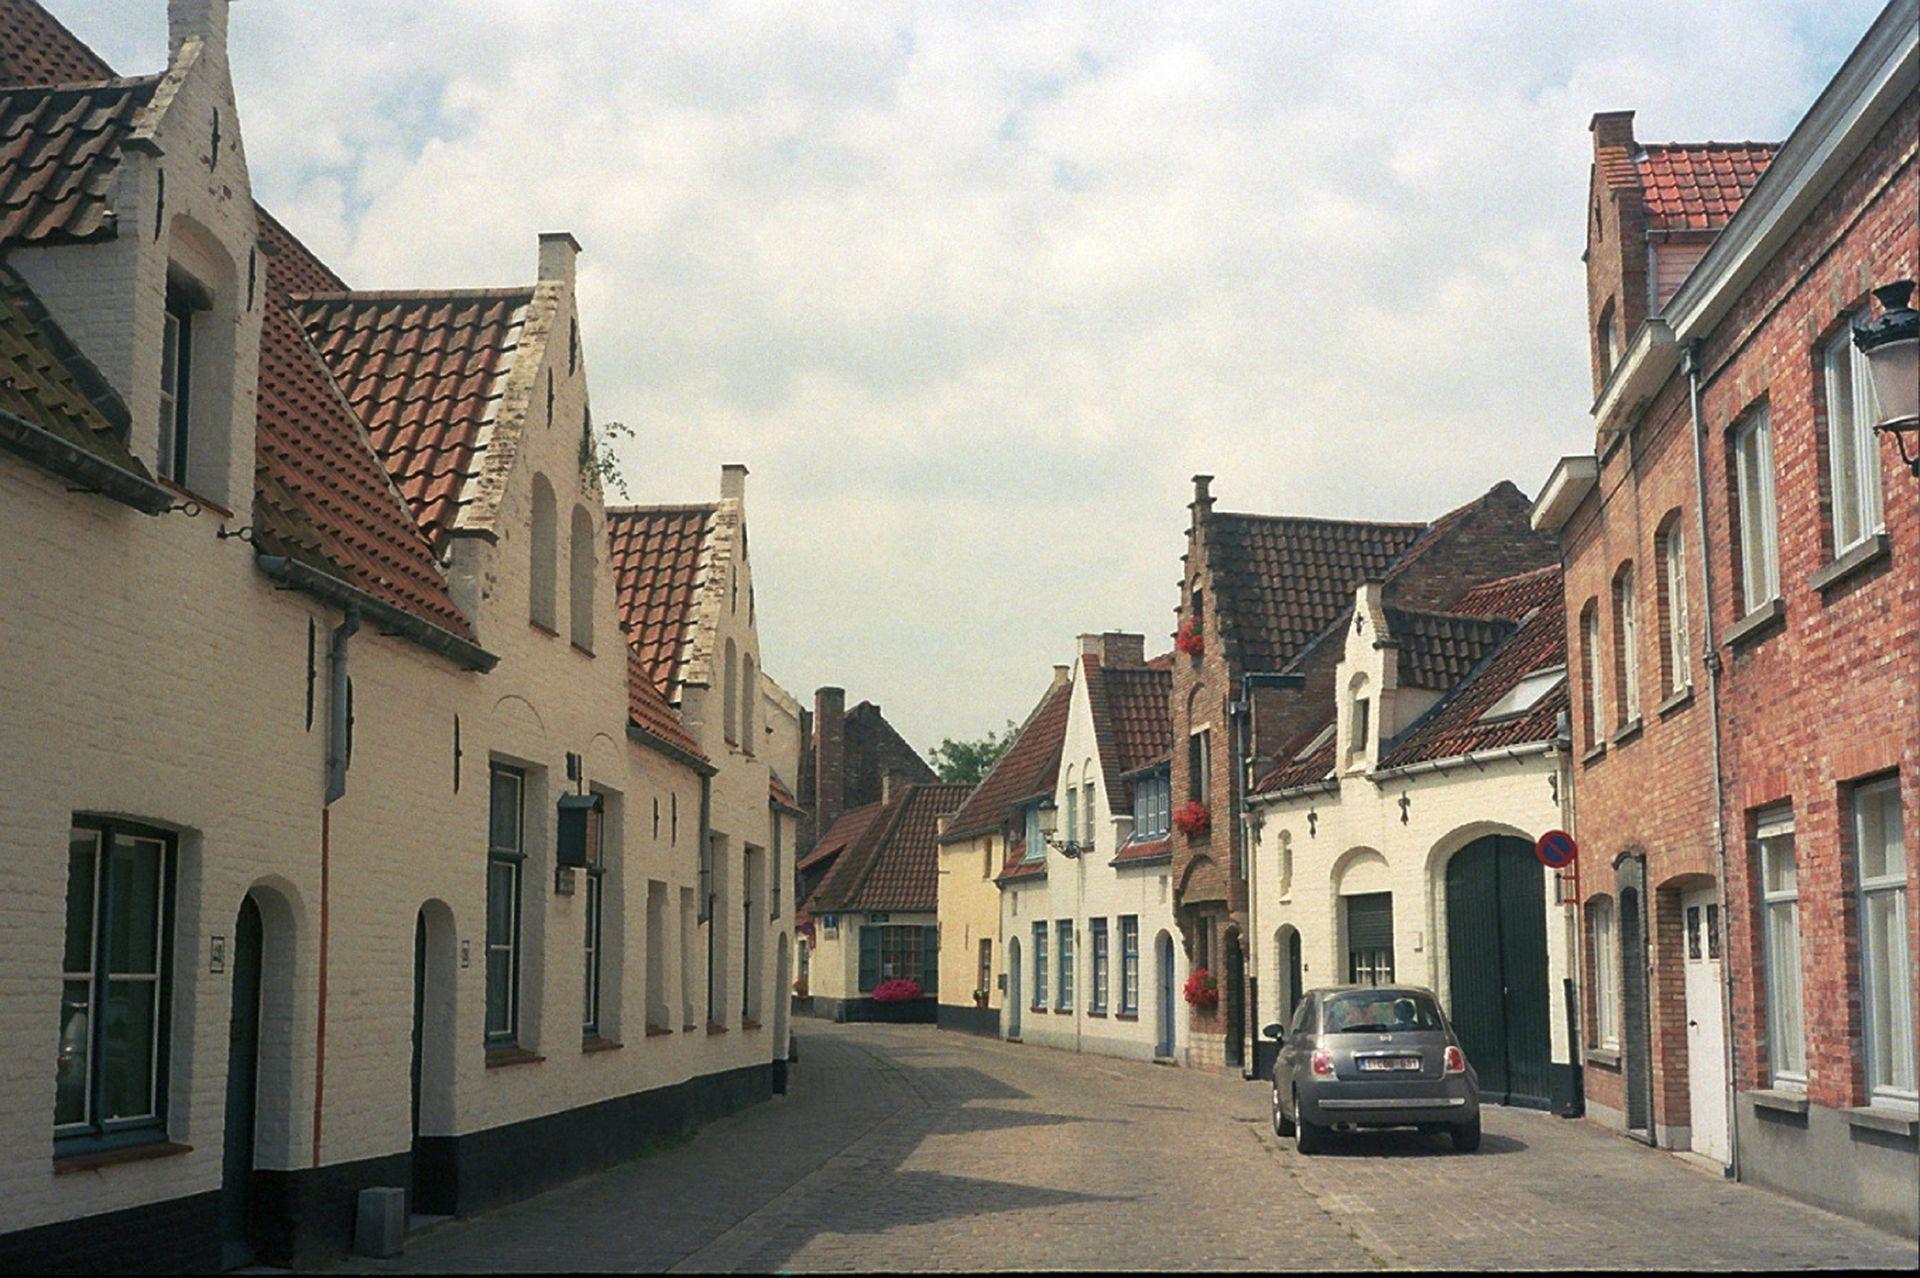 Según estimaciones, el 60% de la población belga habla neerlandés, llamado coloquialmenteflamenco, mientras que el 40% habla francés. LaRegión de Bruselas-Capitales oficialmente bilingüe; sin embargo, el 85% de su población habla francés.